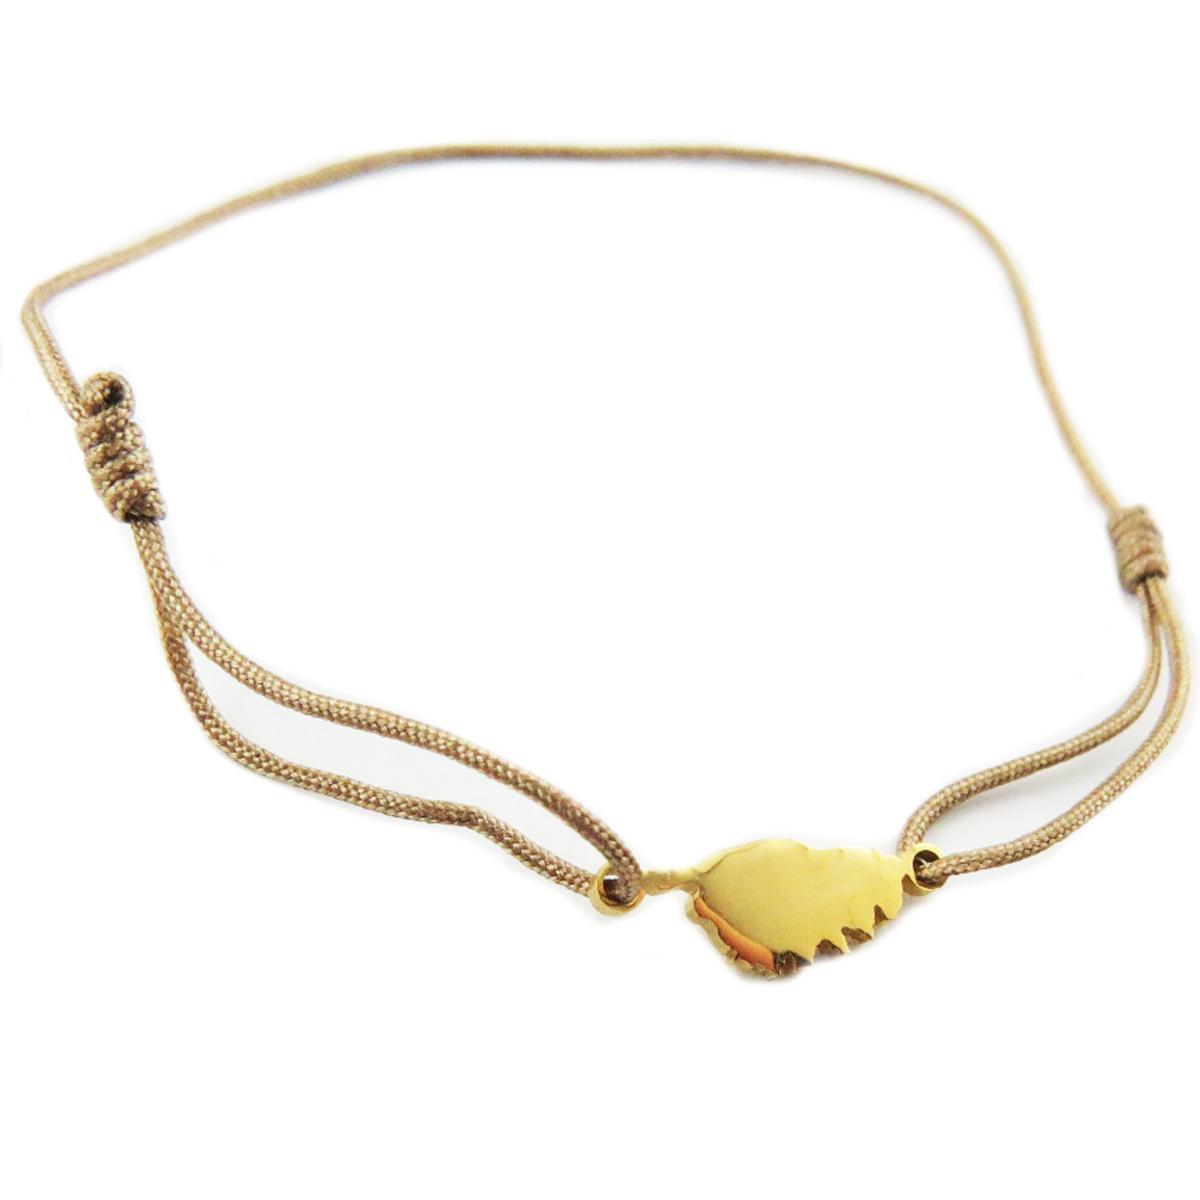 Bracelet acier \'Corsica\' taupe doré (corse) - 10x7 mm - [R0163]